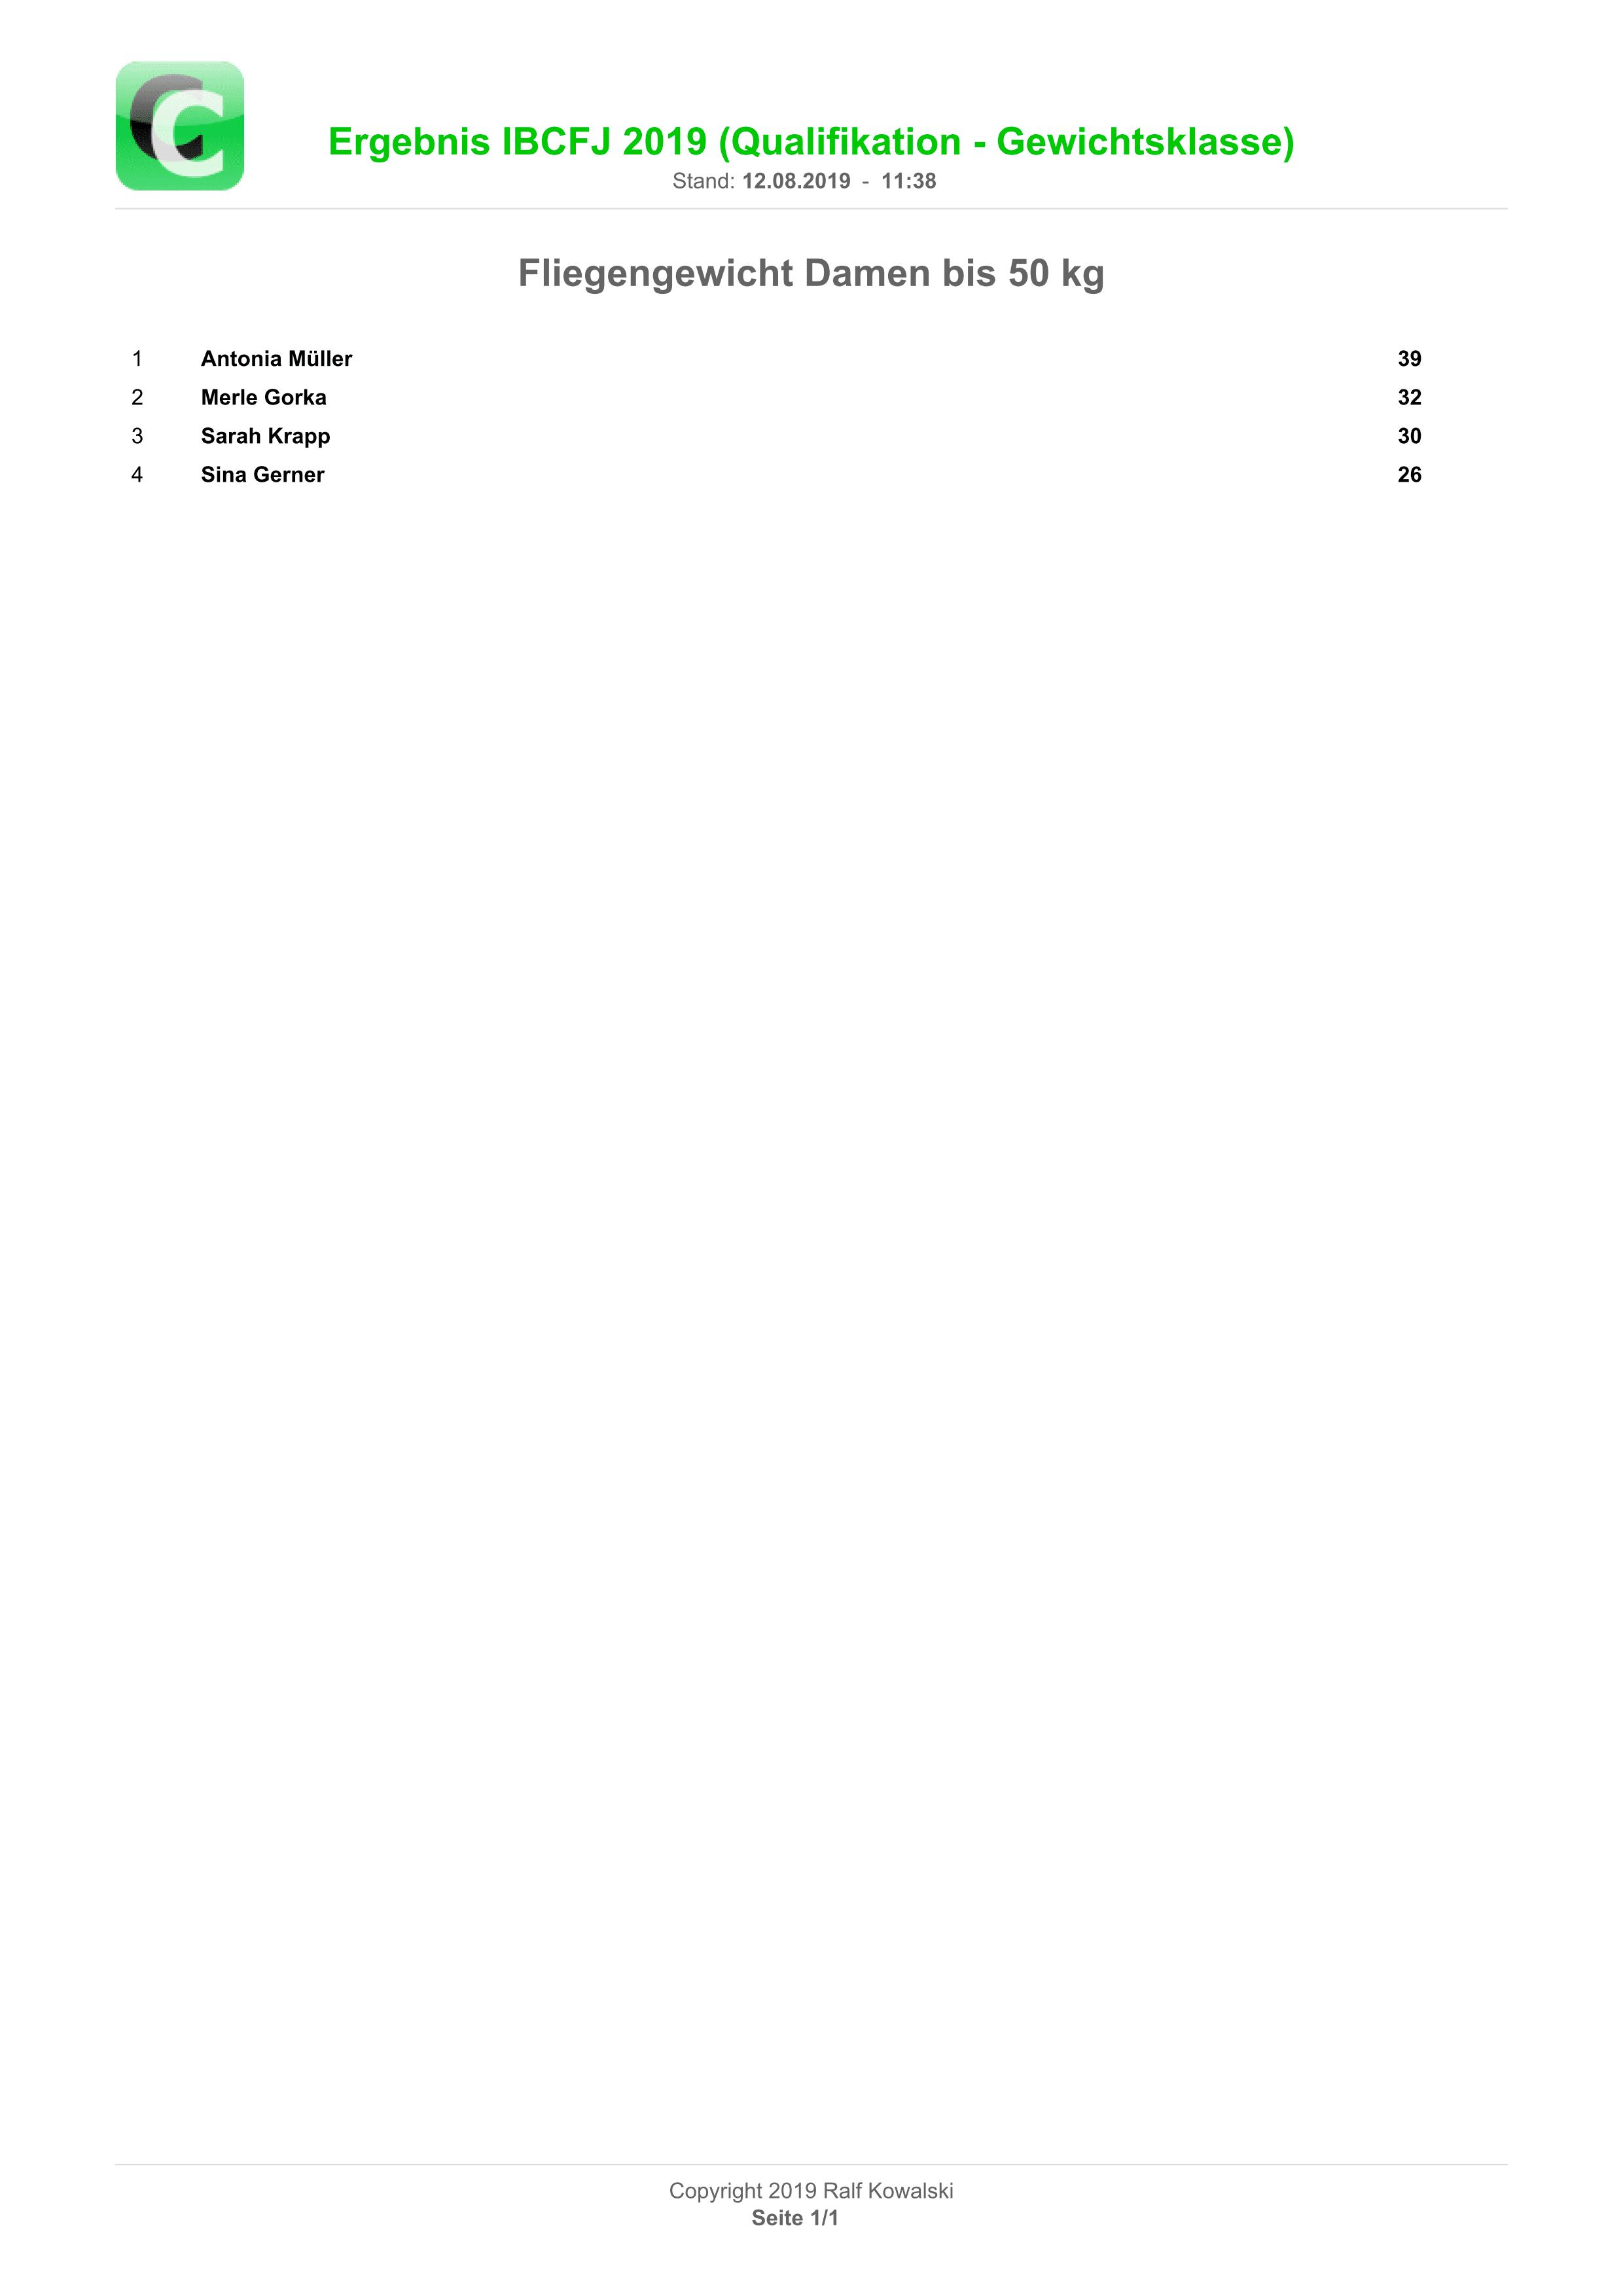 Ergebnisliste Fliegengewicht Damen